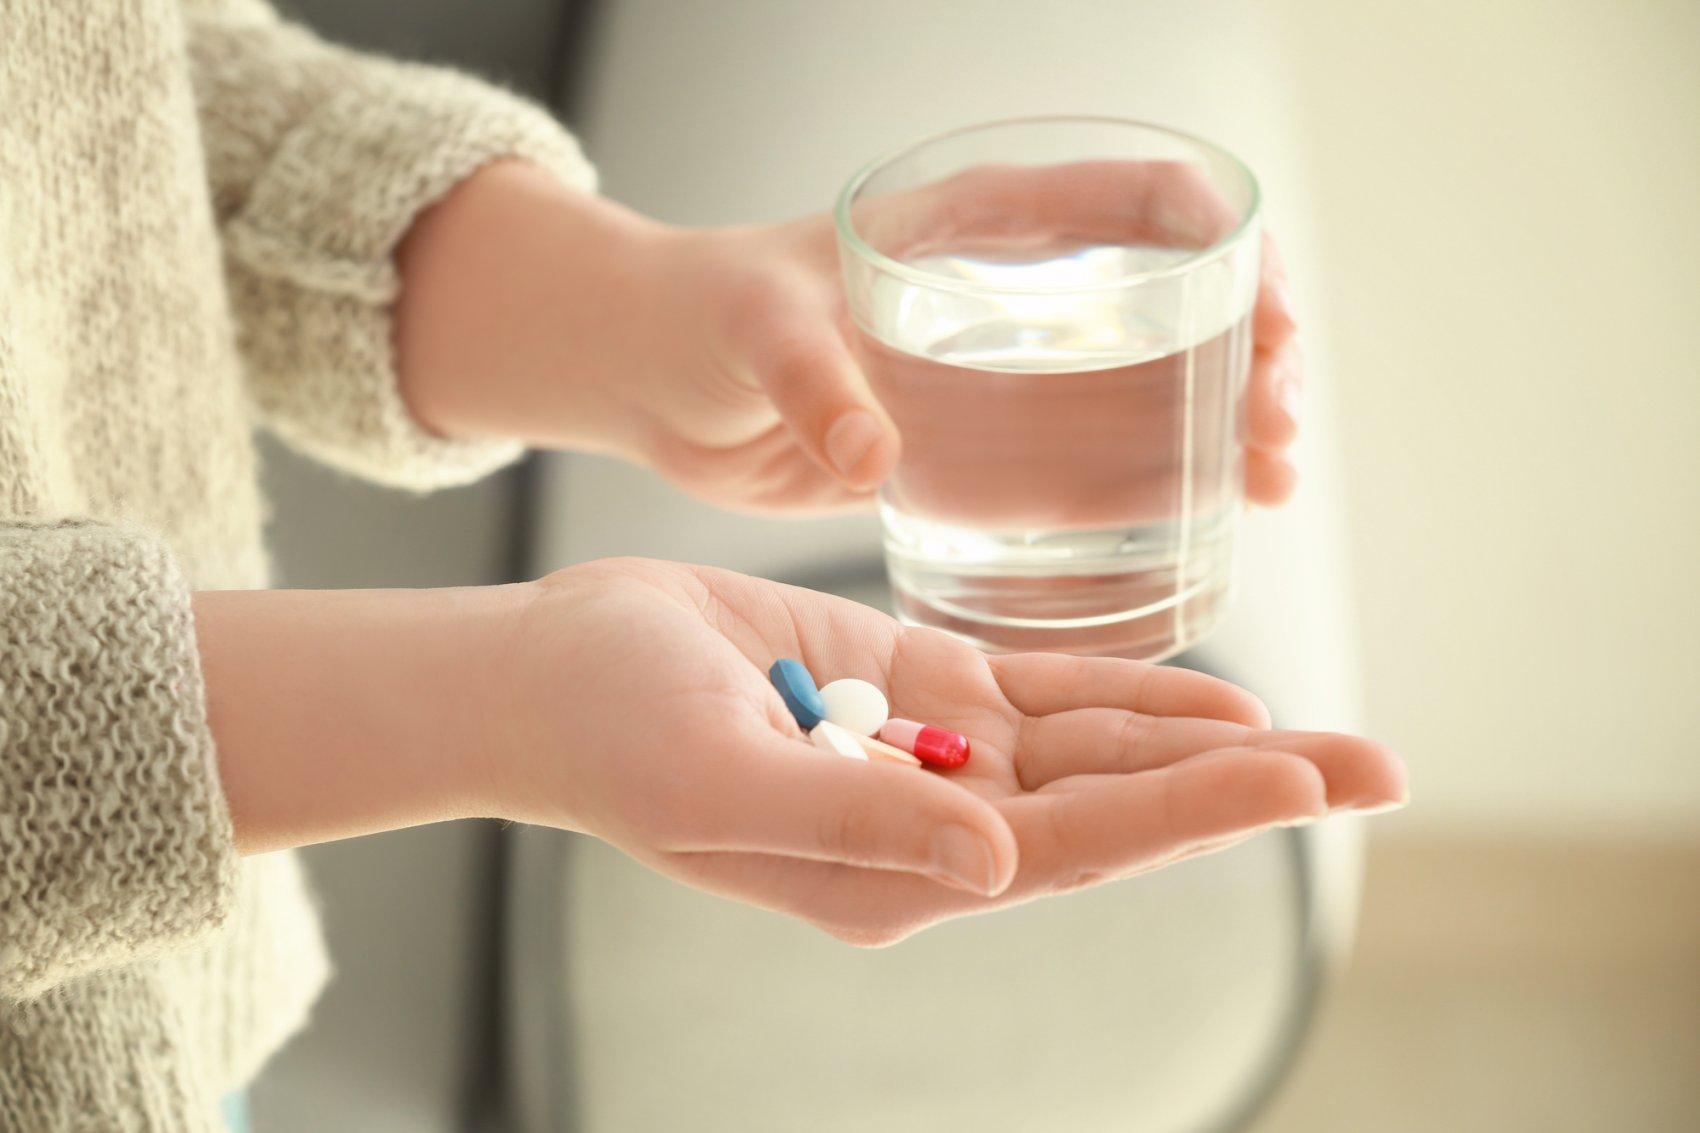 Мясников заявил, что аспирин может вызвать инсульт